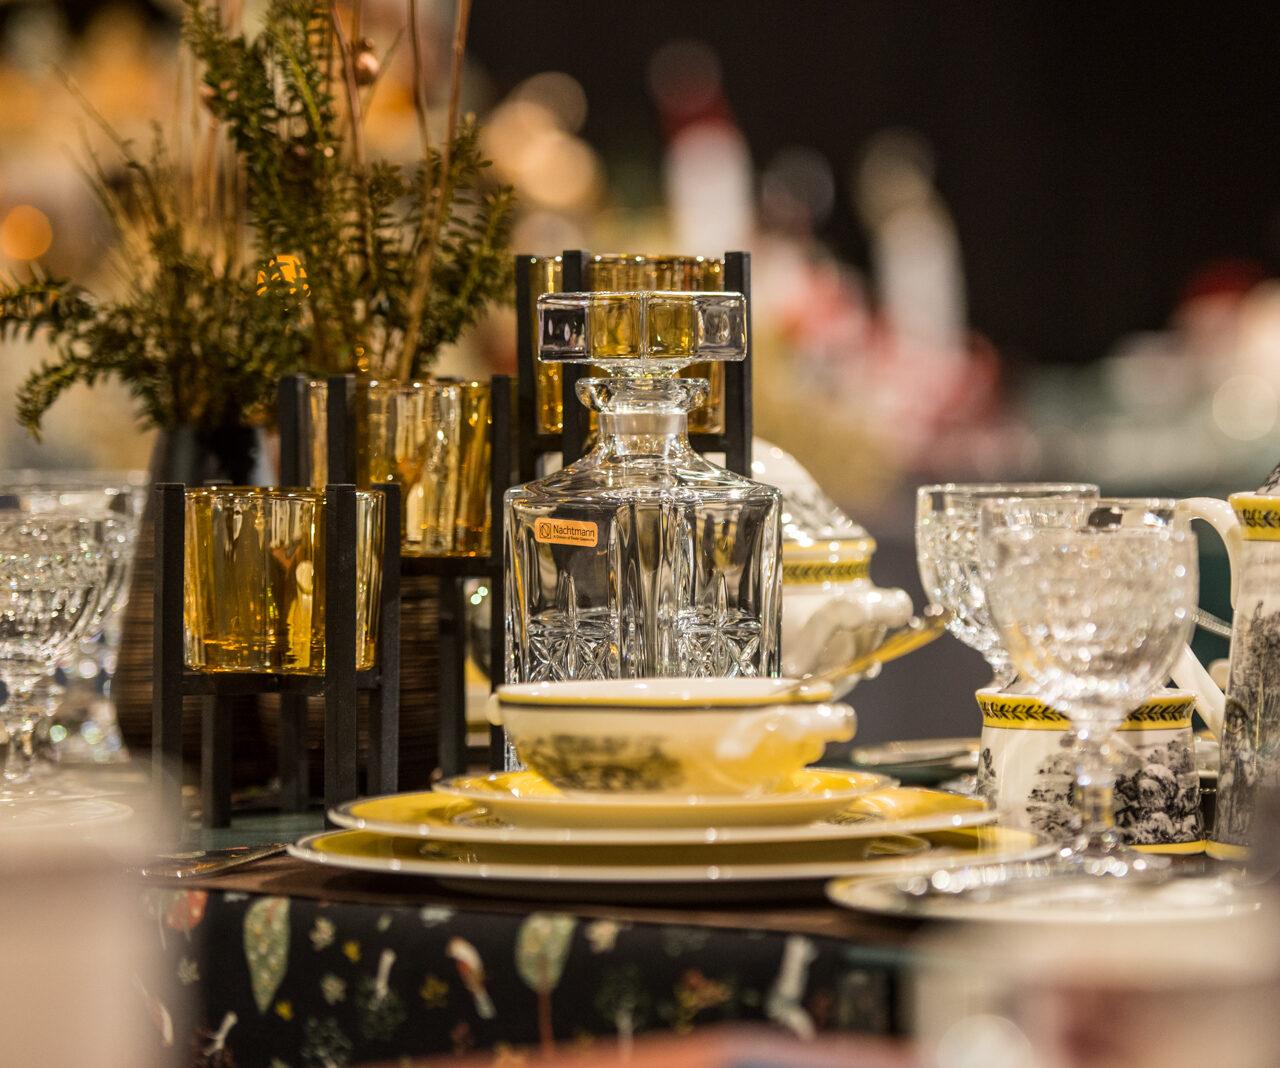 Hier Findet Man Edles Glas Und Porzellan Für Den Perfekt Gedeckten Tisch. (Foto: Sebastian Görner)